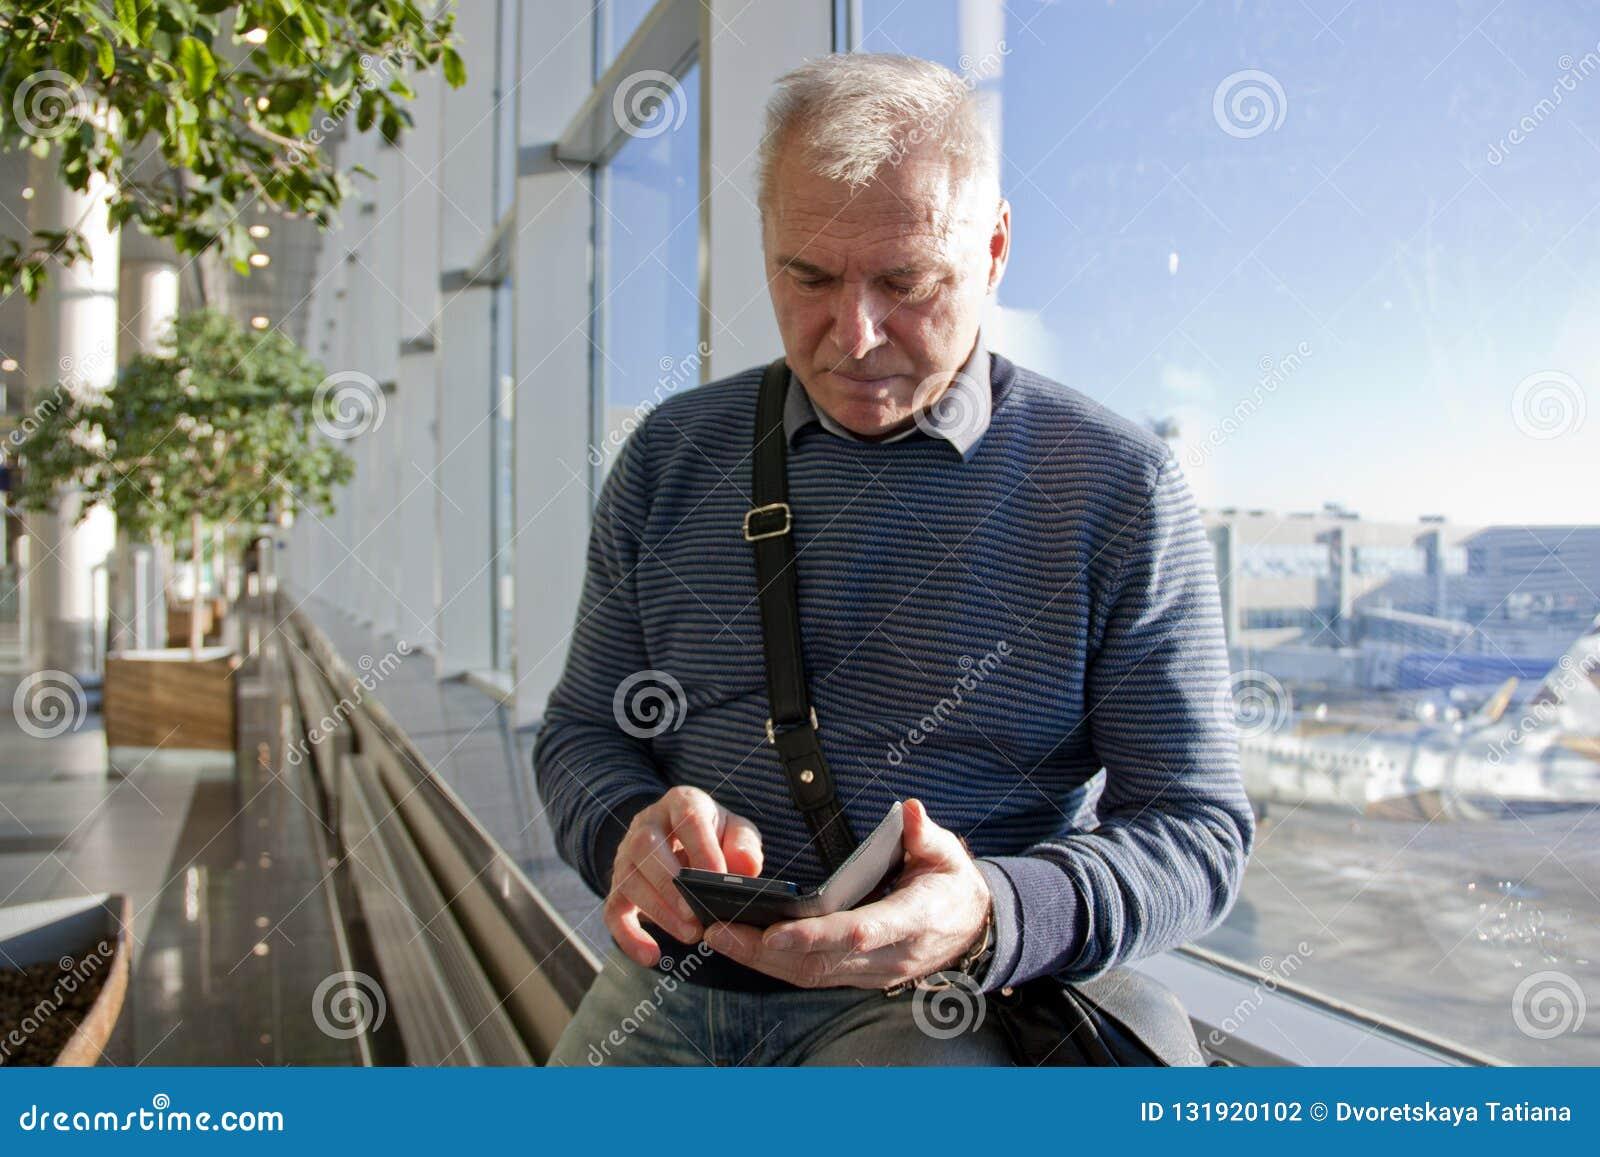 Mężczyzna wiek emerytalny przy lotniskiem